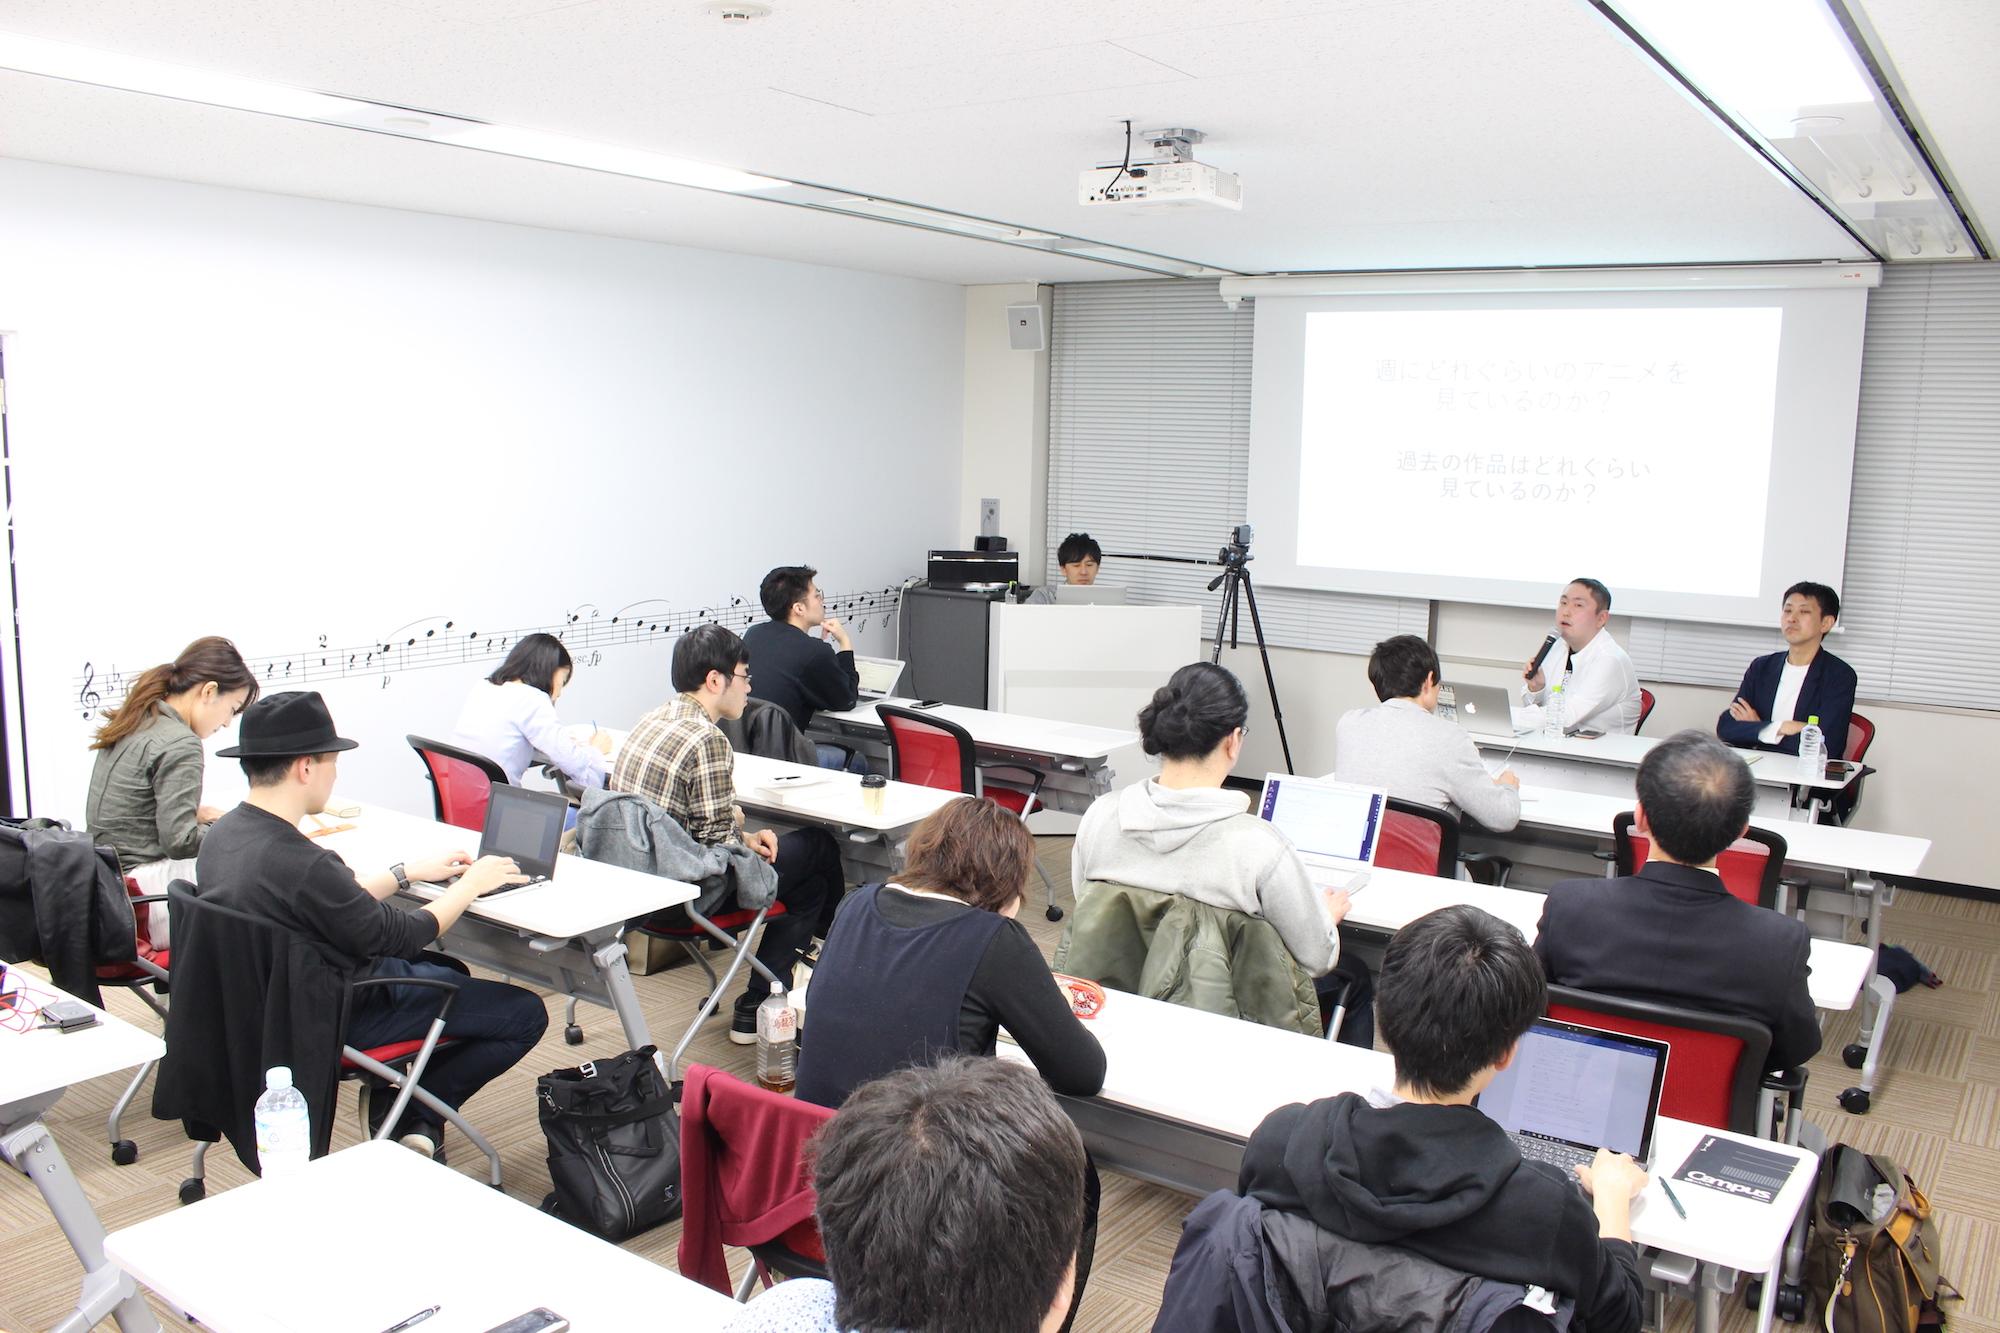 第三回プロライター勉強会「アニメライターのお仕事 前田久さん」